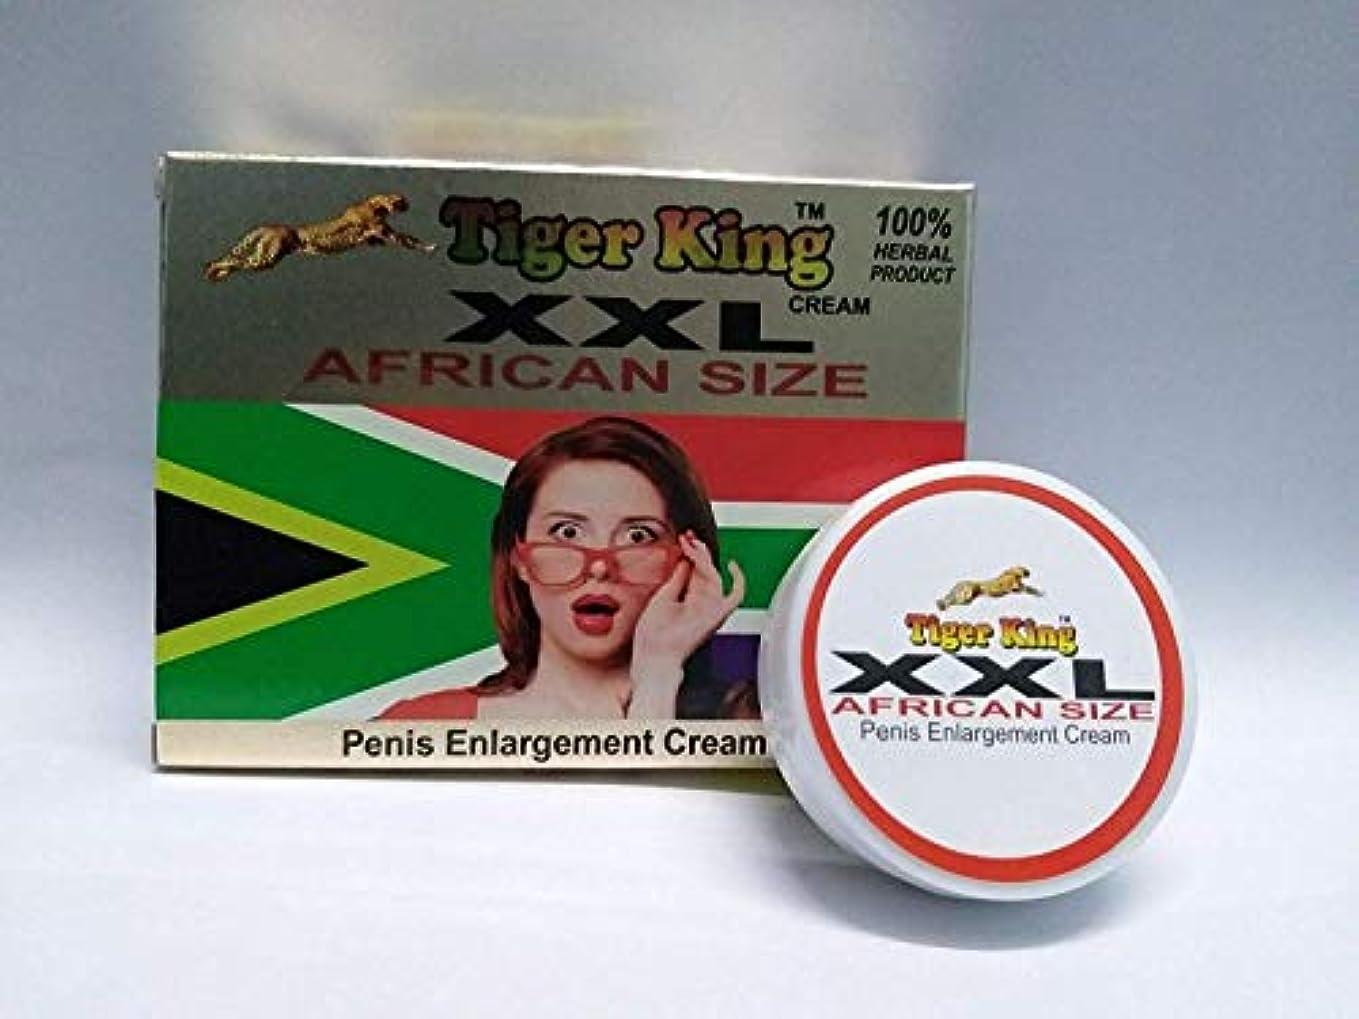 出身地結び目スクワイアHerbal XXL African size 25 gram Penis Enlargement Cream Only For Men Herbal Cream 人のための草のXXLアフリカのサイズの陰茎の拡大クリームだけ